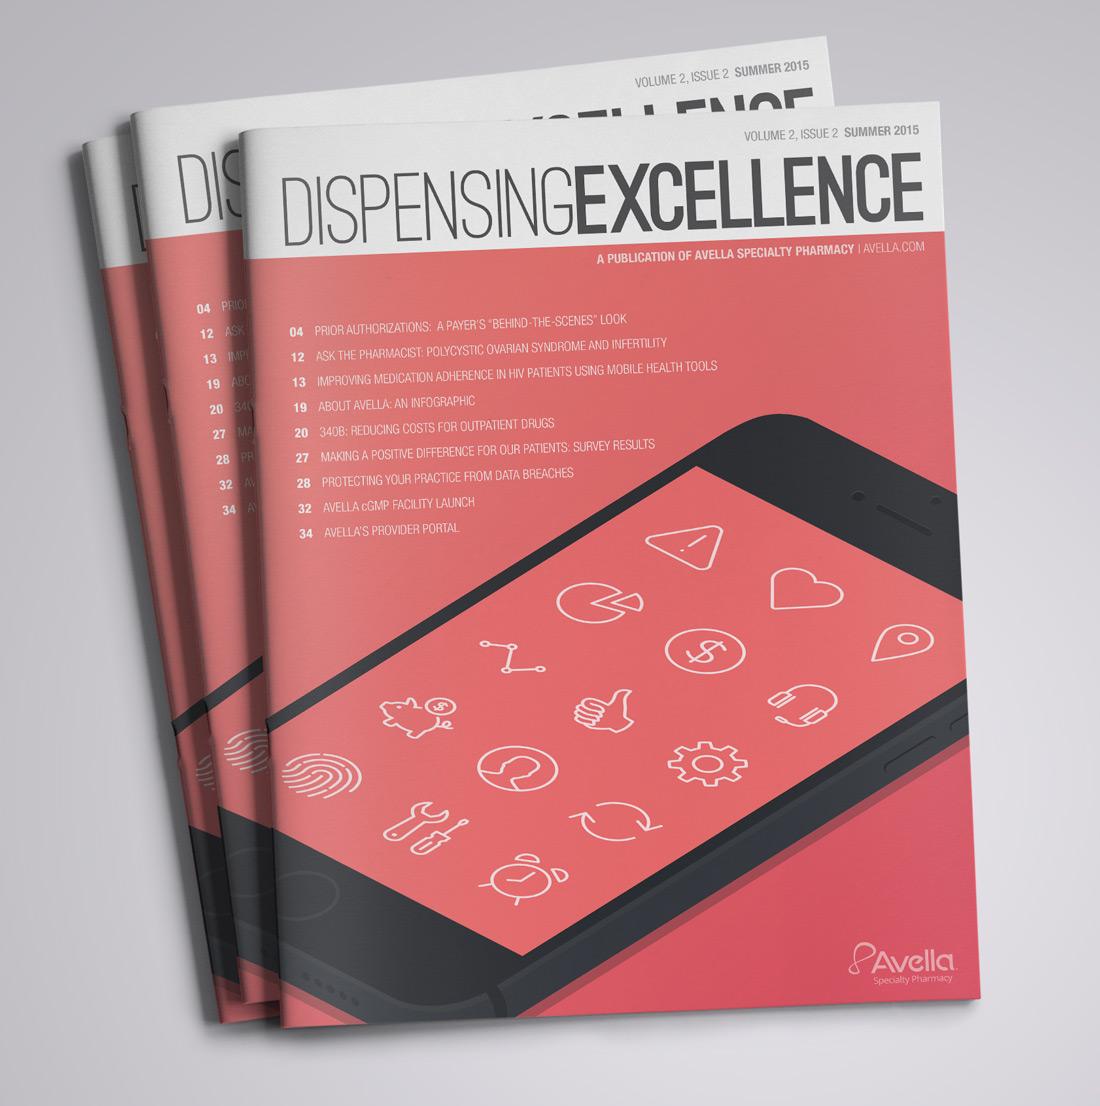 Brian_Leach-Dispensing_Excellence-13.jpg